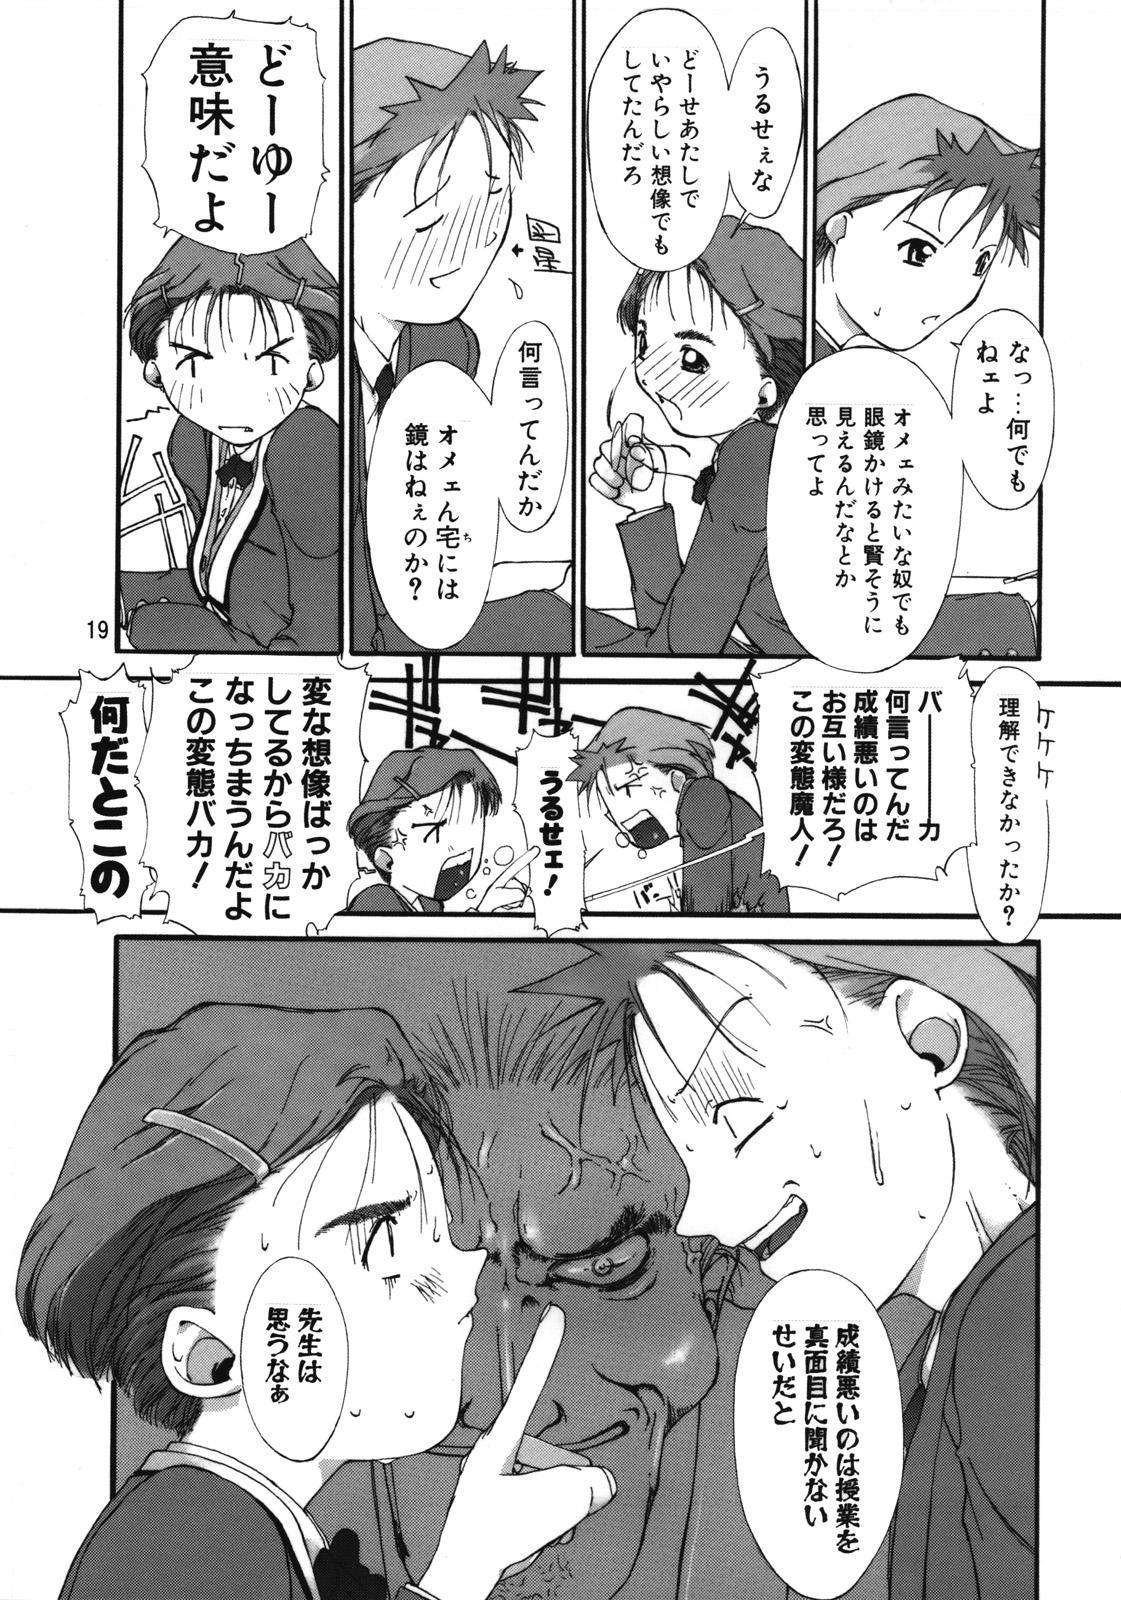 Tanpatsu Yuugi 3 19